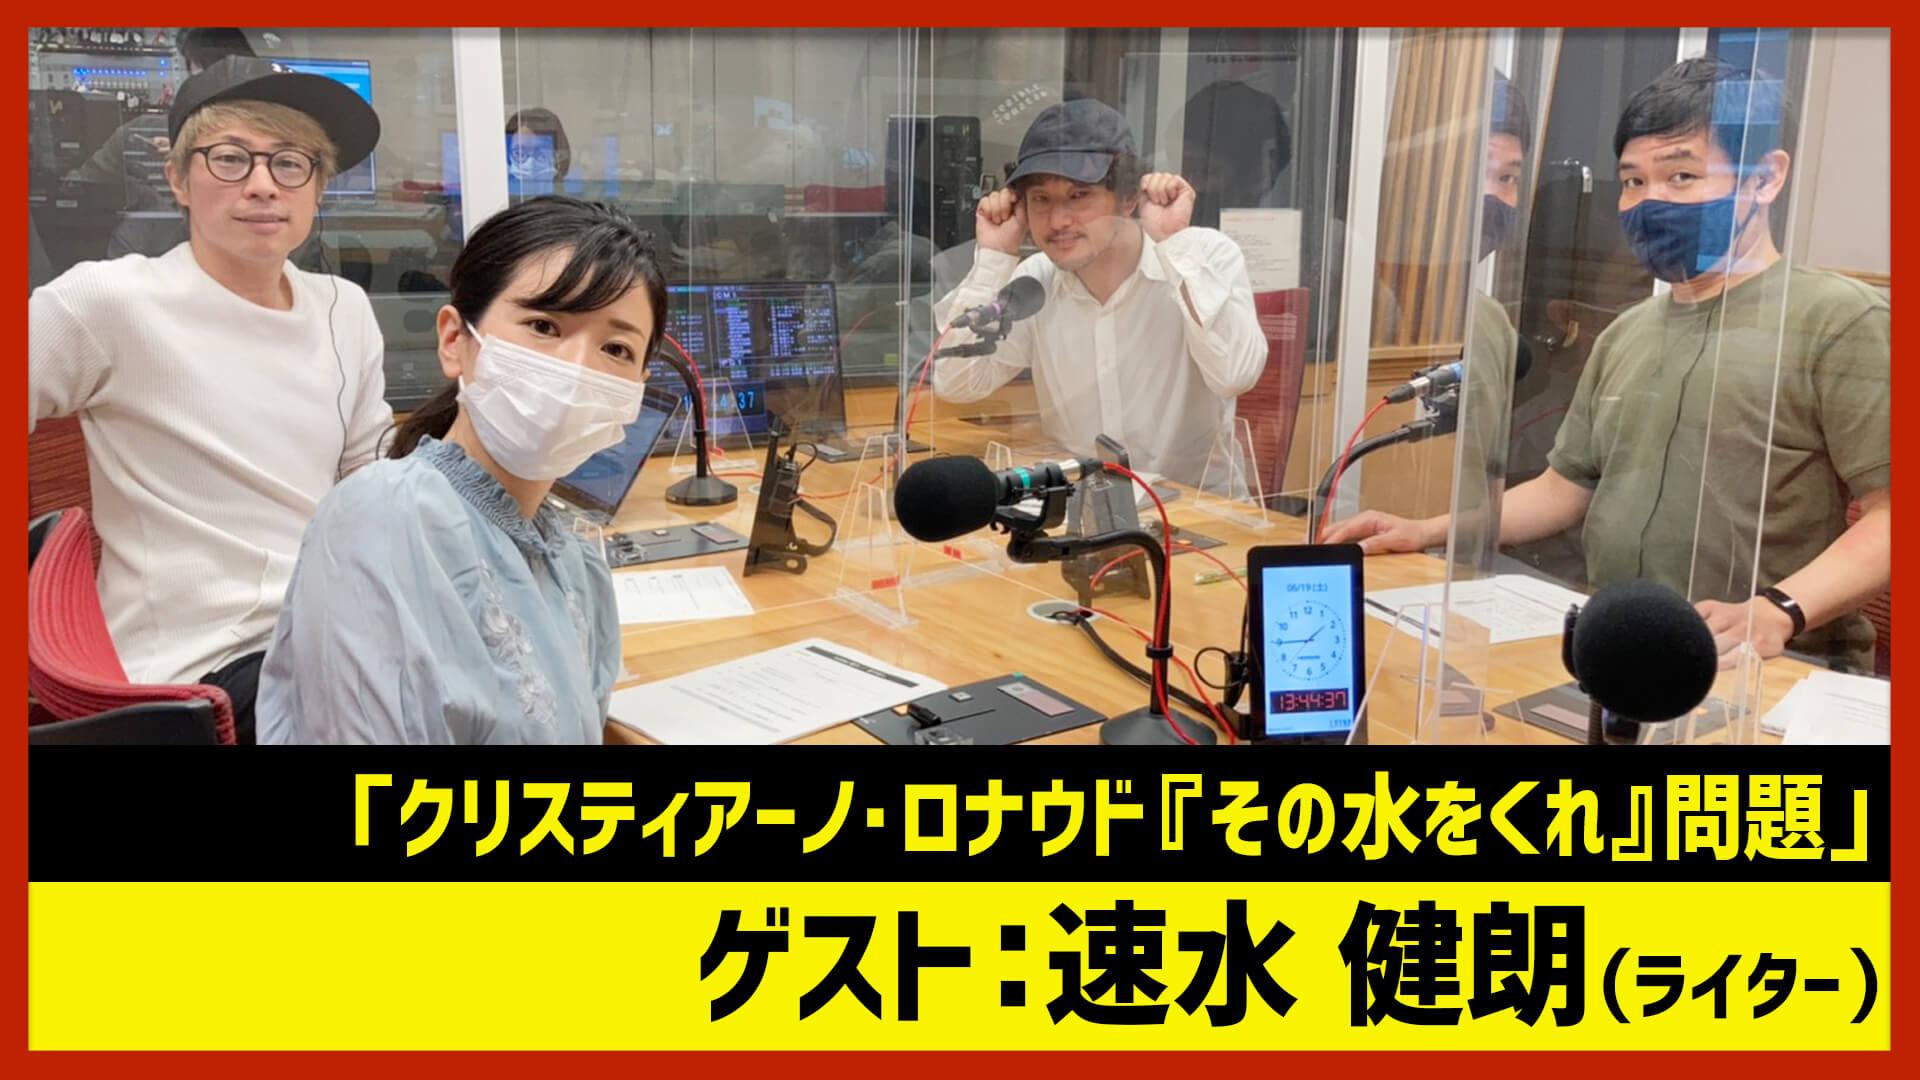 【田村淳のNewsCLUB】ゲスト: 速水健朗さん(2021年6月19日前半)